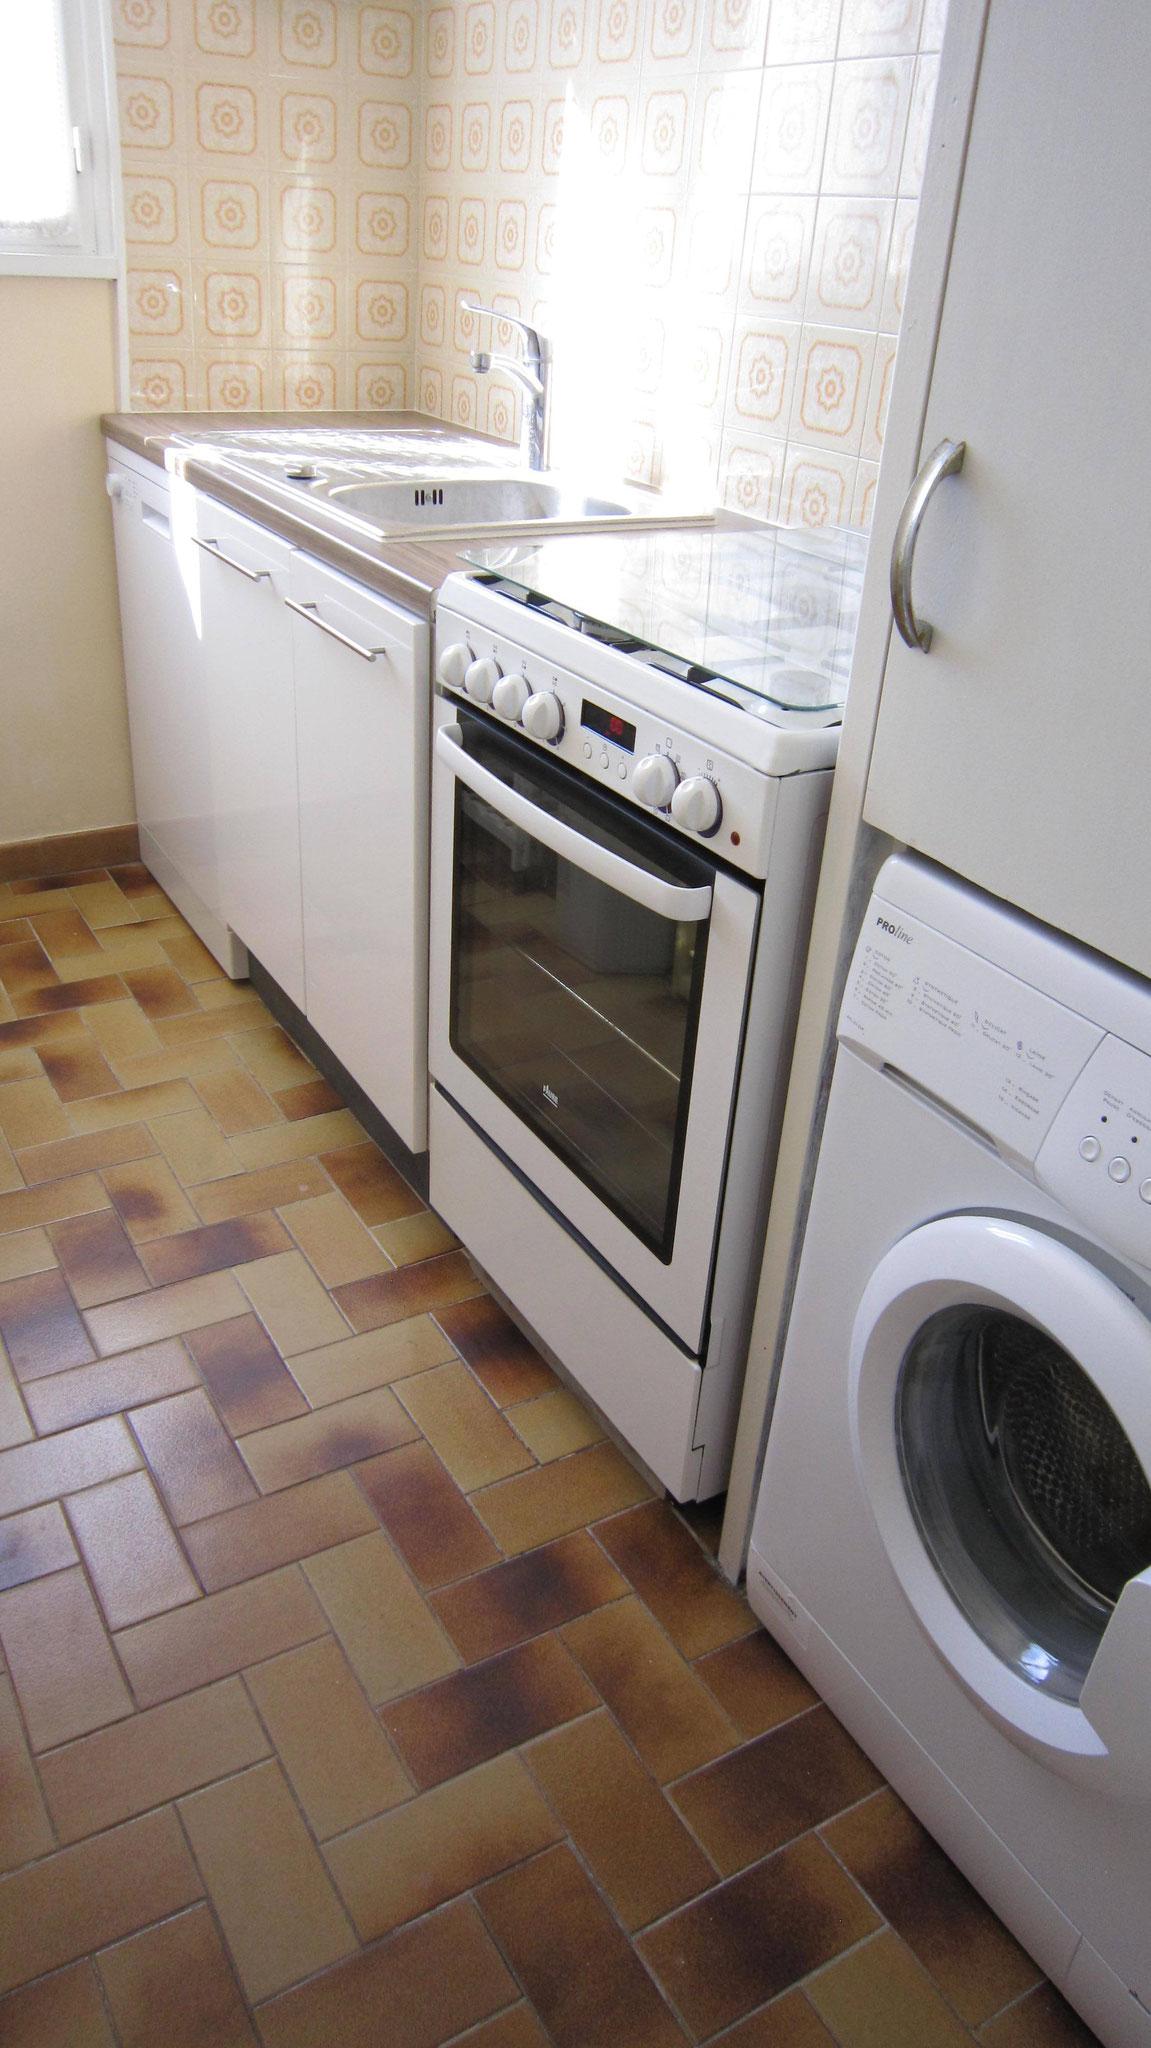 Lave-vaisselle 12 couverts + Cuisinière + lave-linge + réfrigérateur/congélateur, etc ...